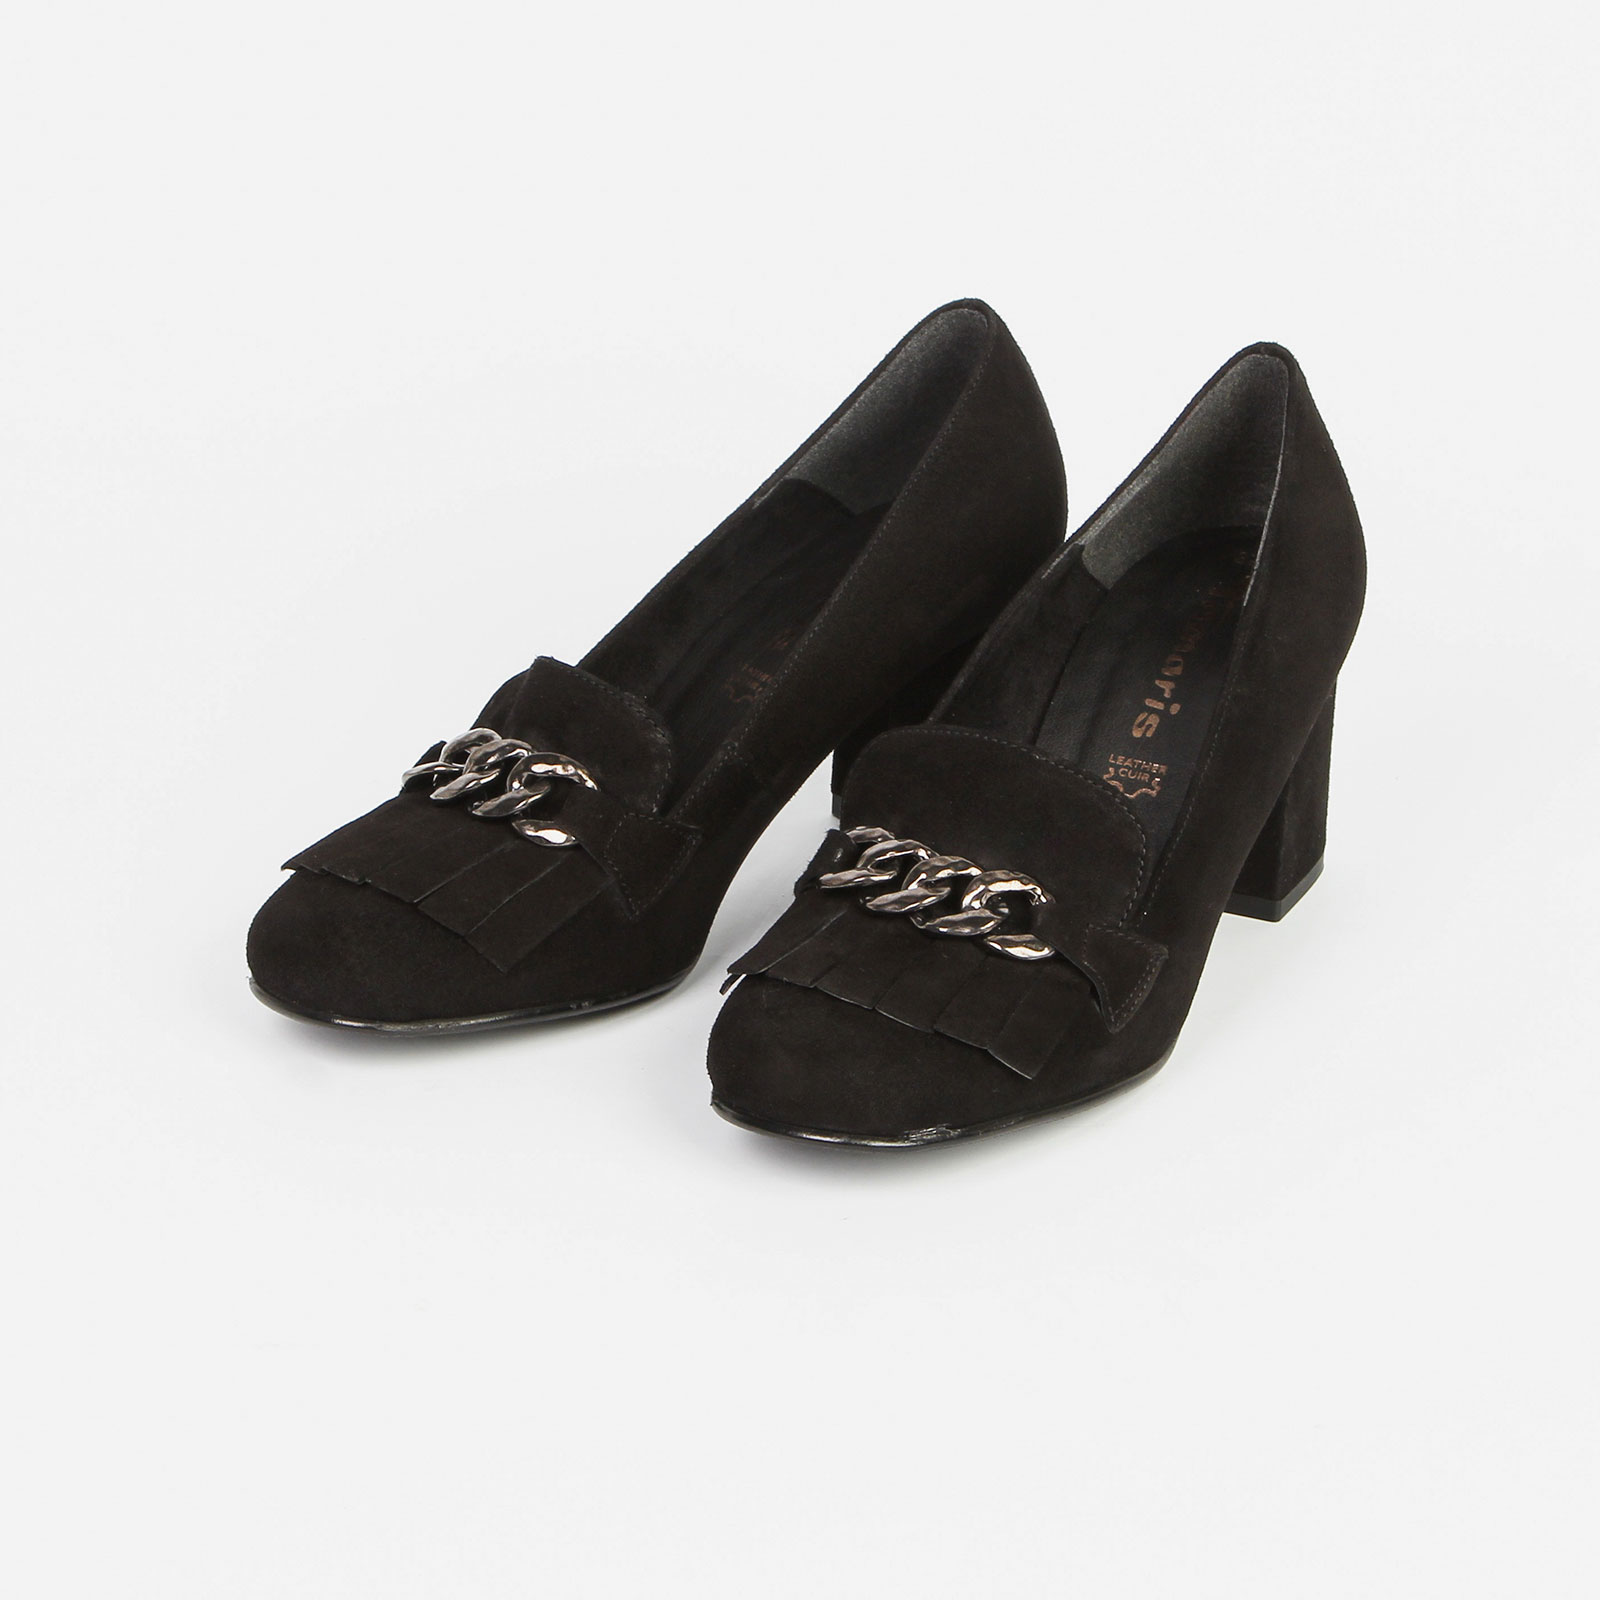 Туфли женские декорированные бахромой